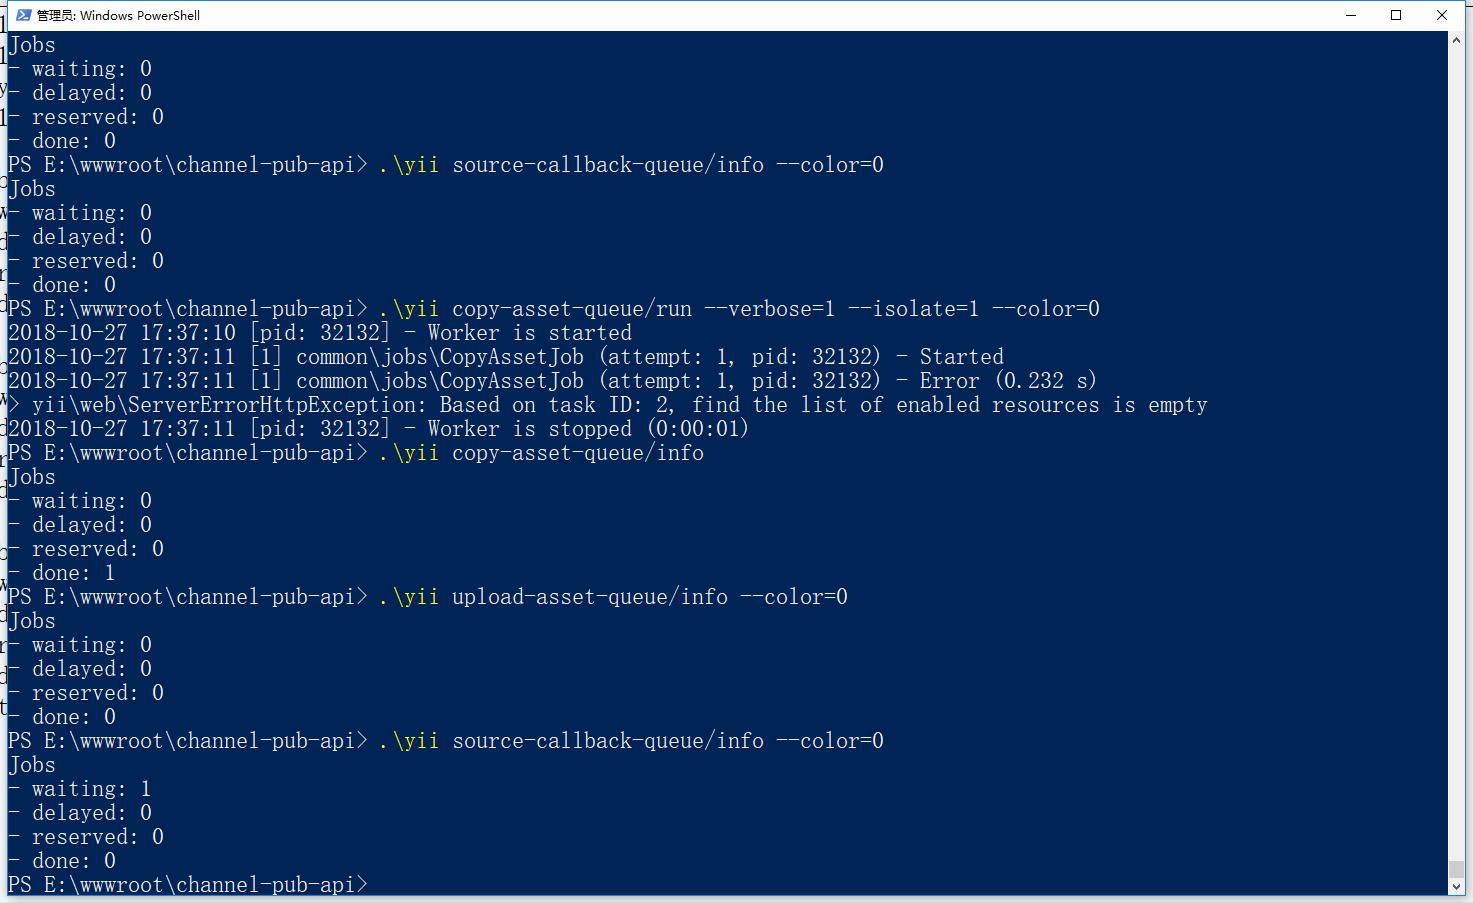 run 命令获取并执行循环中的任务(复制资源文件队列),直到队列为空,复制资源文件队列中的任务执行失败(因为任务中有抛出未捕获的异常)后,将下一步的上传任务推送至上传资源文件队列,复制资源文件队列中0个任务状态为等待,复制资源文件队列中1个任务状态为完成,上传资源文件队列中0个任务状态为等待,来源回调队列中1个任务状态为等待